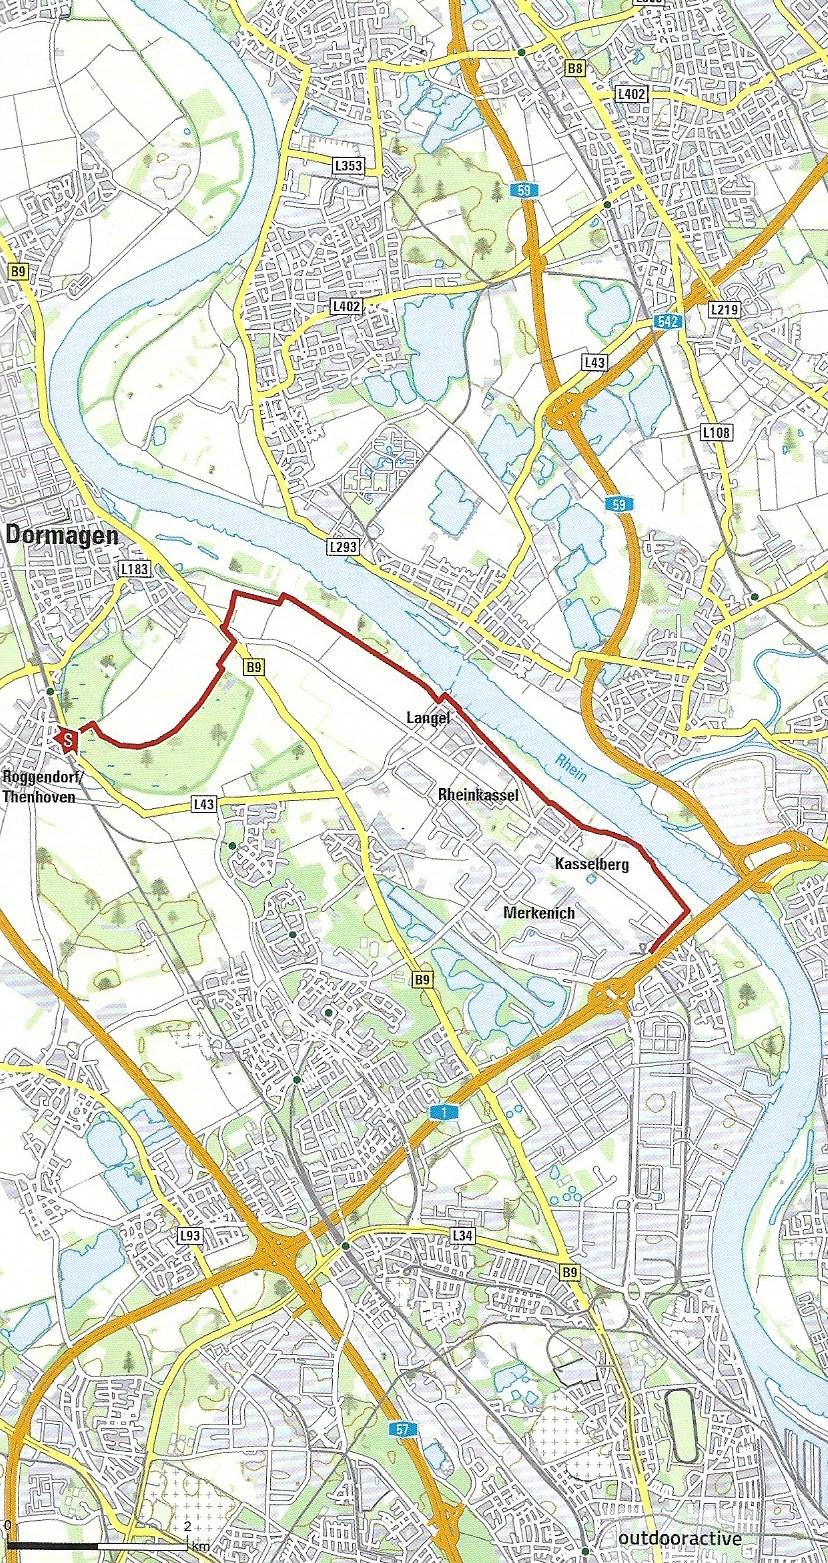 Die Wanderung auf einen BlickEtappe 4 - Start: S11 Haltestelle Worringen Ende: KVB Haltestelle Merkenich Linie 12 Distanz: 11 KilometerDauer: ca. 2 1/2 StundenDie Strecke: Mit der S11 fahrt ihr raus Richtung Worringen, hier angekommen wandert ihr durch das Naturschutzgebiet, entlang von vielen Feldern und über einen Deich am Rhein bis nach Langel. Hier könnt ihr eine Pause einlegen bevor dann die zweite Hälfte der Strecke startet. Von Langel sind es noch mal gut vier Kilometer bis zum Ziel fast komplett am Rhein entlang. Empfehlenswert: Diese Strecke ist sehr gut ausgeschildert und eignet sich auch auf Grund ihrer Länge perfekt um das Wandern allein mal auszuprobieren. Ausrüstung: Verzichtet auf dieser Strecke lieber auf eure Wanderschuhe und tragt Sport-Lauf-Schuhe, da ihr viel über Beton und unterschiedliche harte Böden gehen werdet ist die flexiblere Sohle empfehlenswert. Solltet ihr immer dabei haben: Belegte Brote, ausreichend Wasser und auf jeden Fall eine Kamera, hier auf der Strecke gibt es viel zu sehen. Wer im Sommer wandert sollte außerdem für viel Sonnencreme sorgen, da die Strecke wenig Schatten bietet.